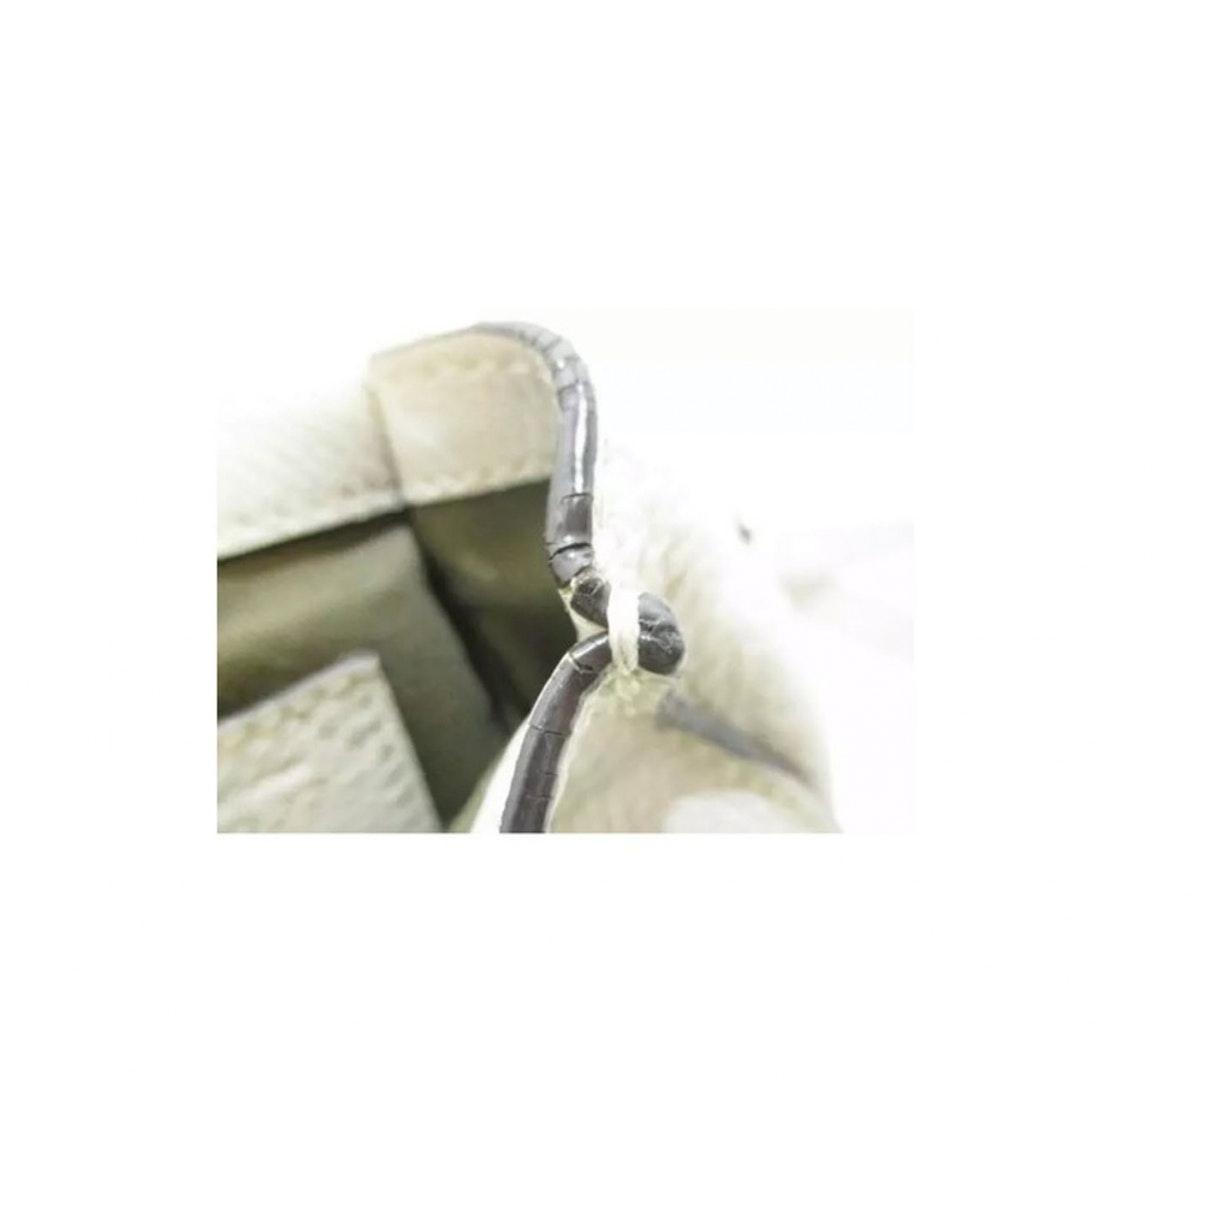 Sac à main Marcie en Cuir Blanc Cuir Chloé en coloris Blanc NBJu